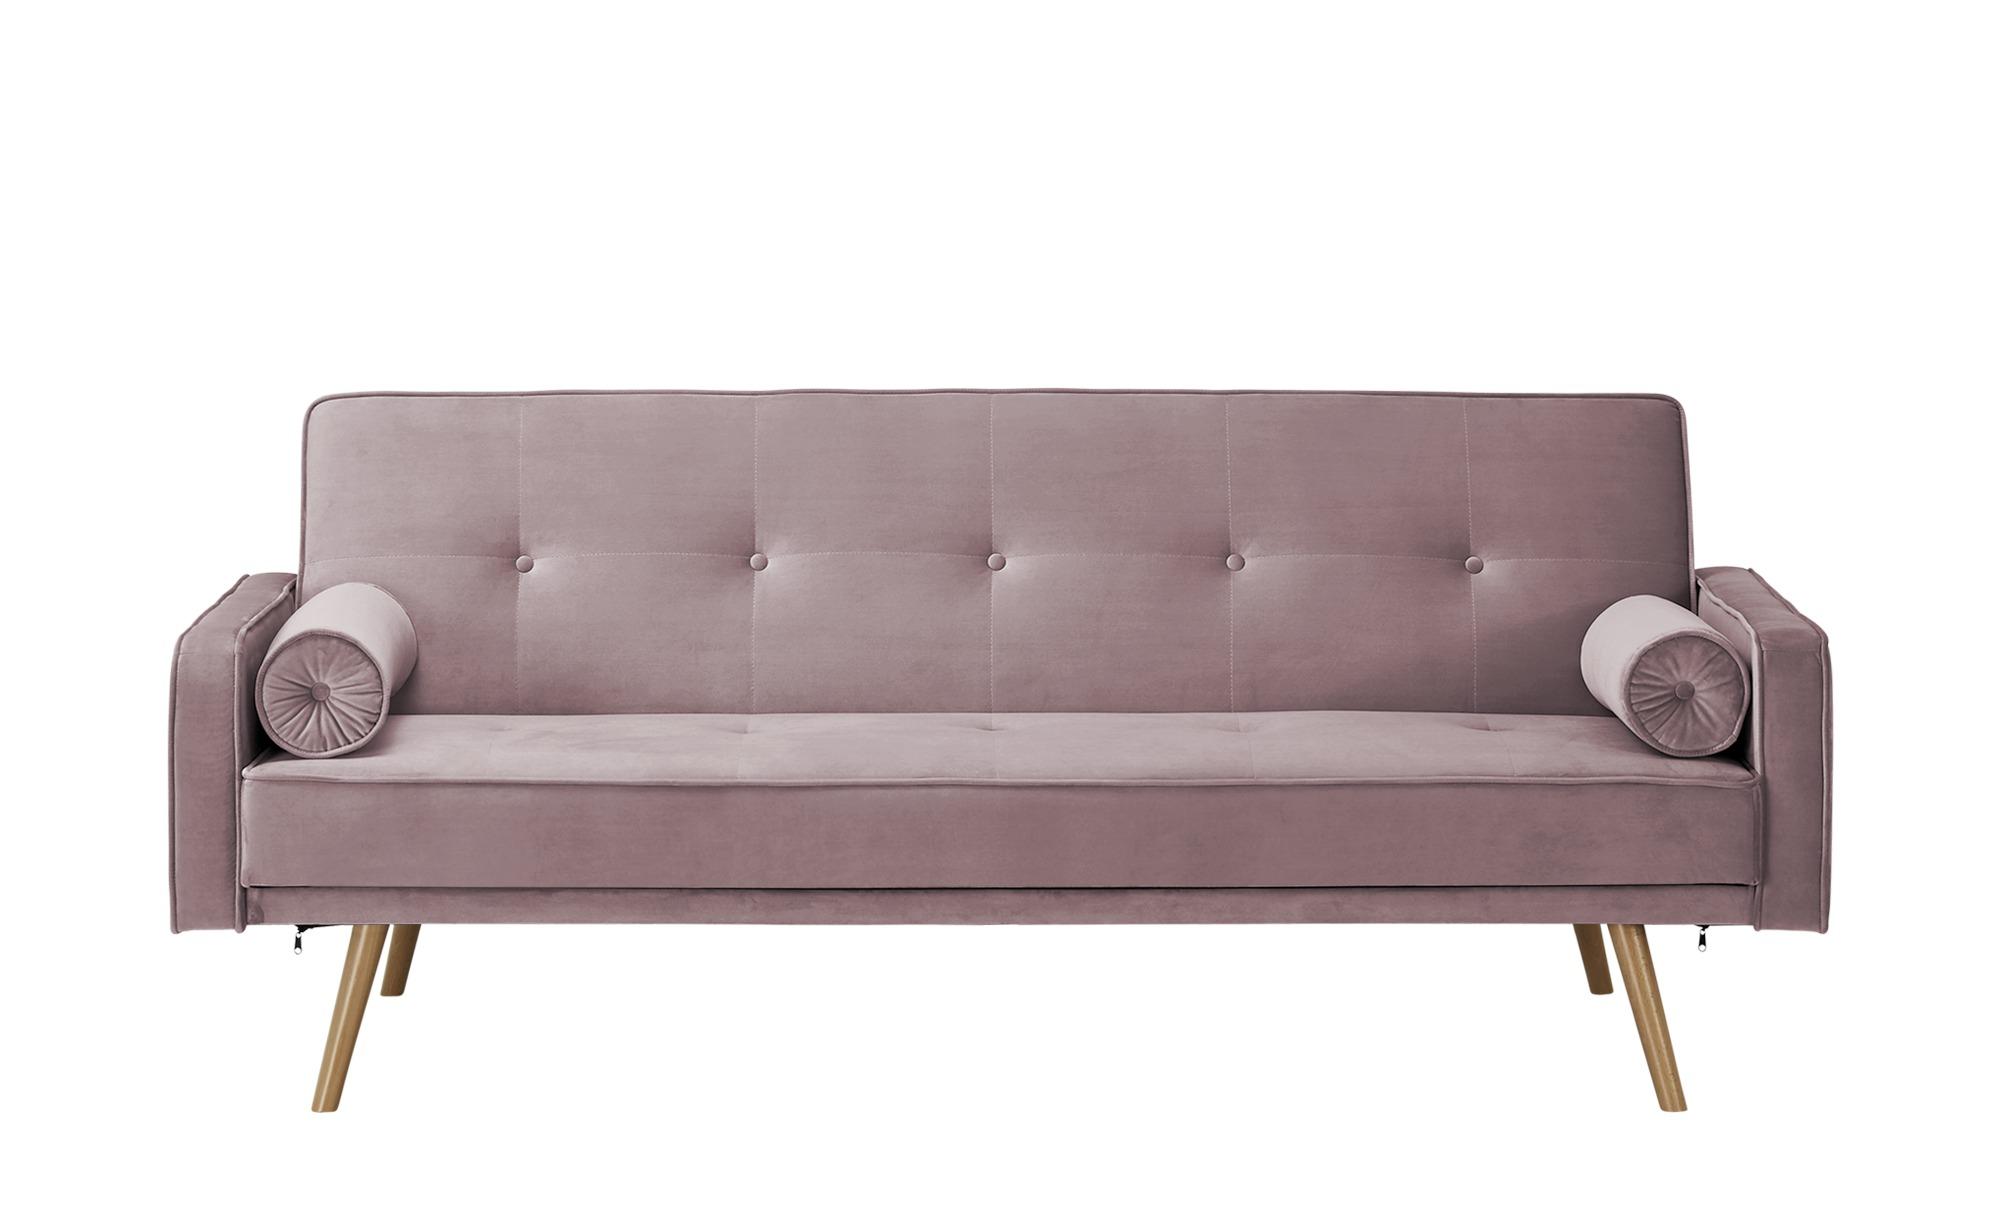 Sofa mit Funktion  Fibi ¦ rosa/pink ¦ Maße (cm): B: 207 H: 92 T: 93 Polstermöbel > Sofas > Einzelsofas - Höffner